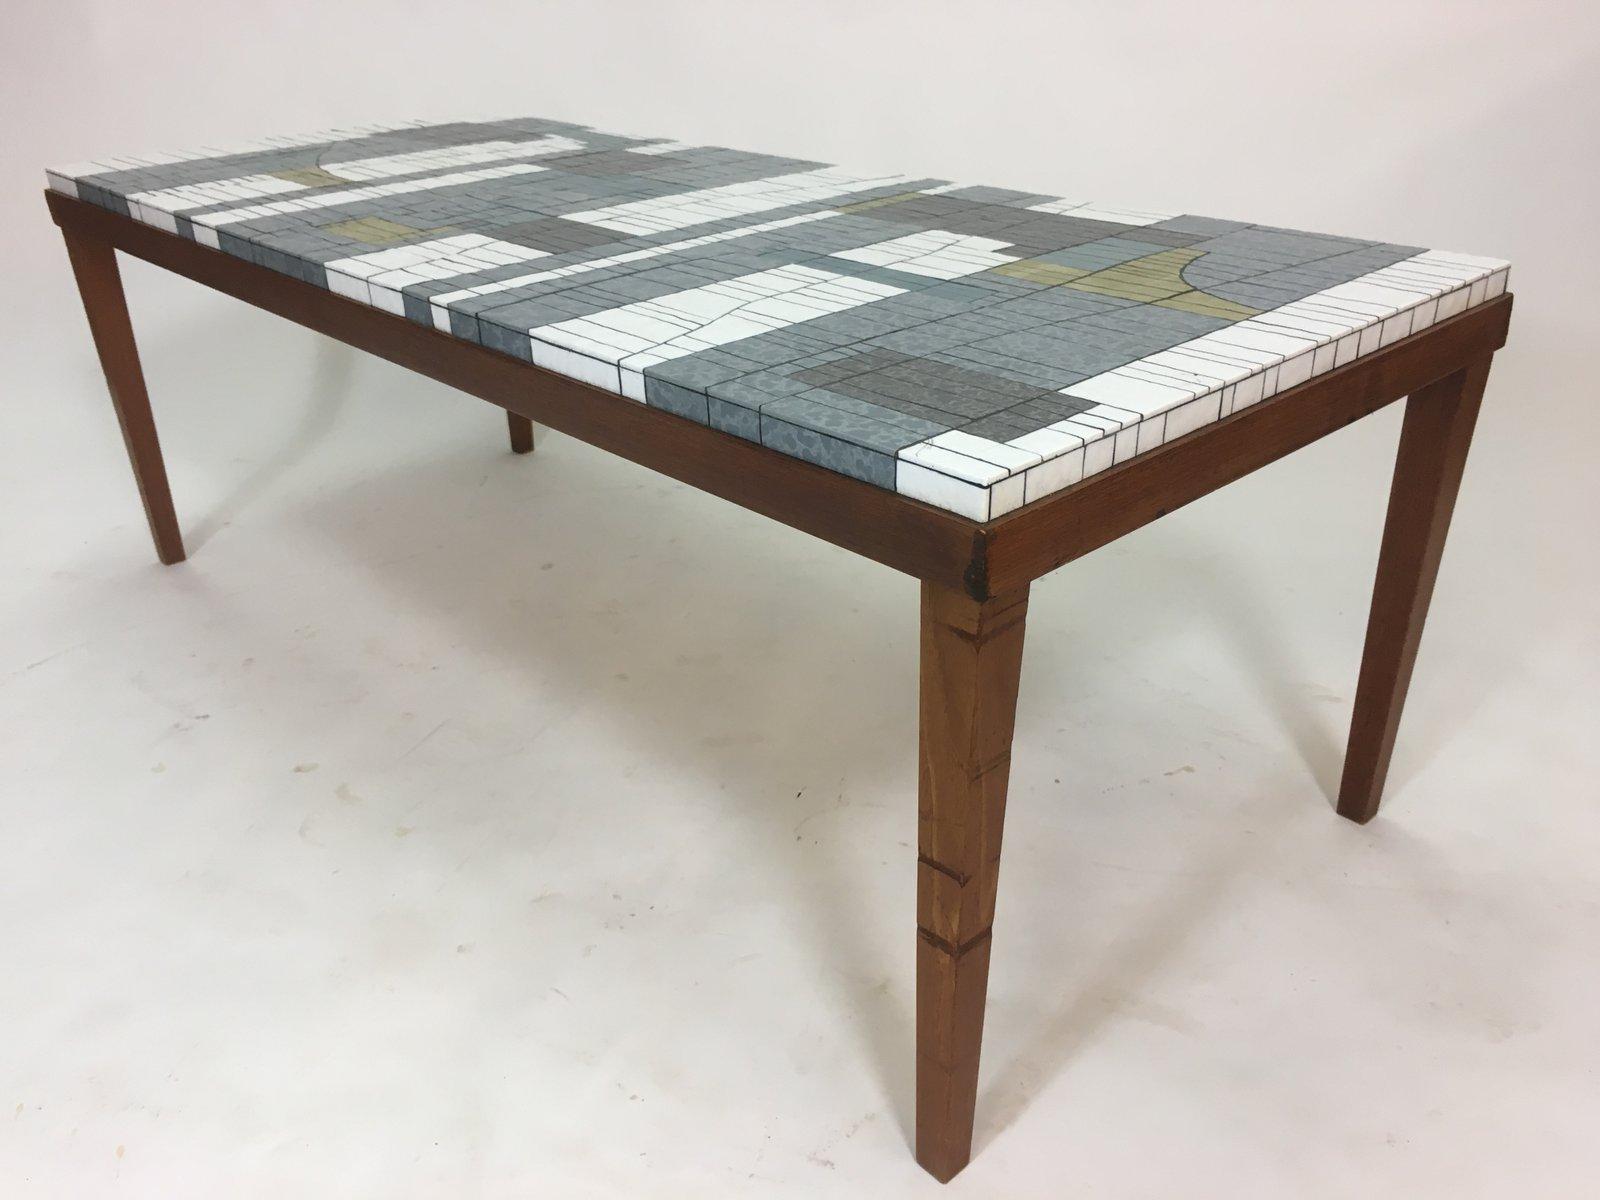 table basse mosa que en verre par heinz lilienthal 1960s en vente sur pamono. Black Bedroom Furniture Sets. Home Design Ideas